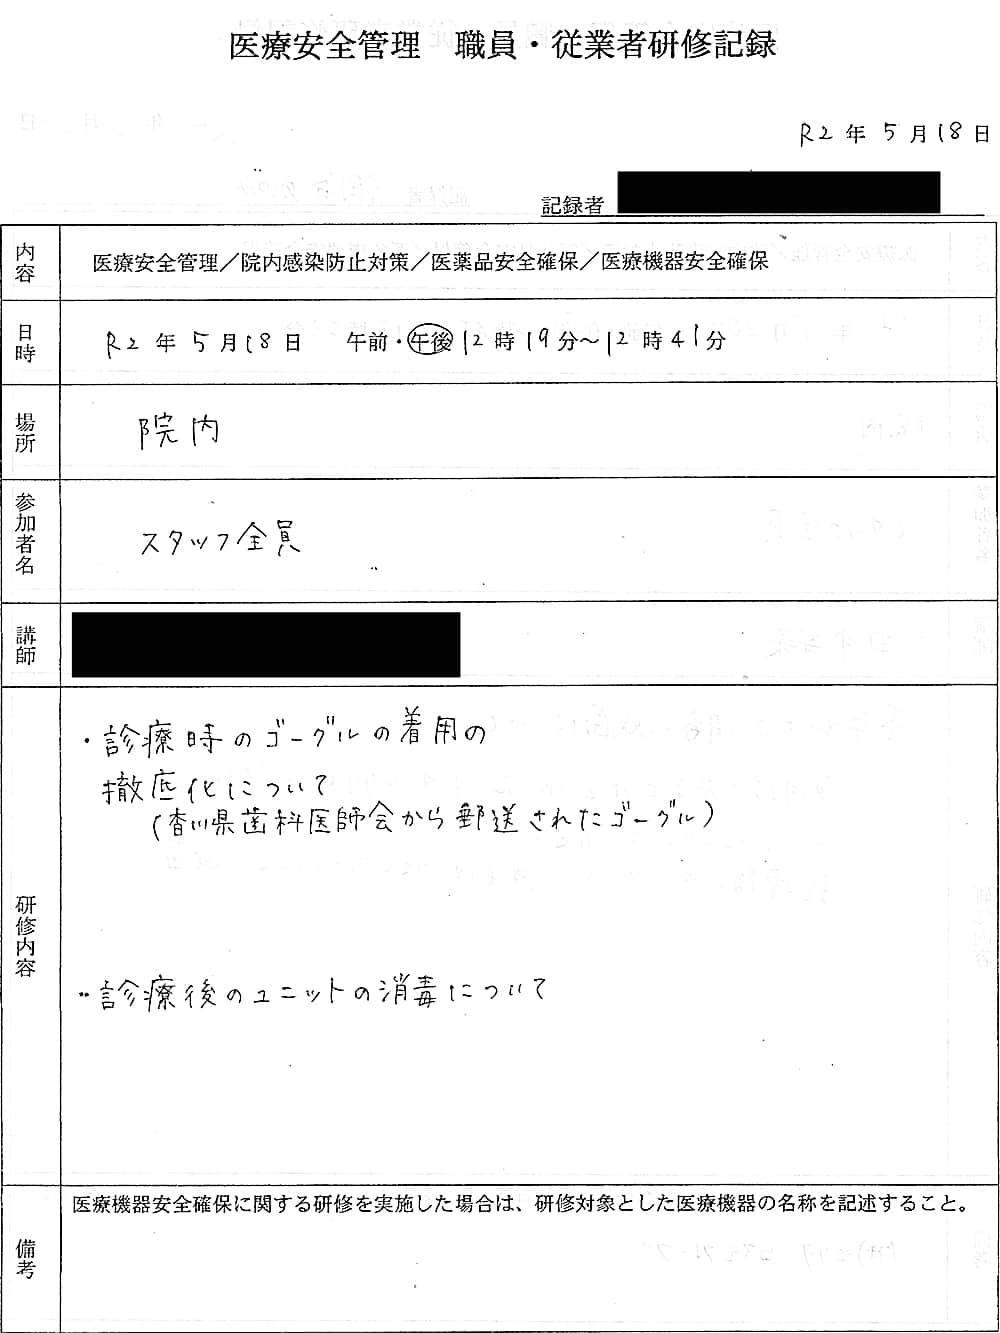 2020年5月18日の医療安全管理 職員・従業員研修記録